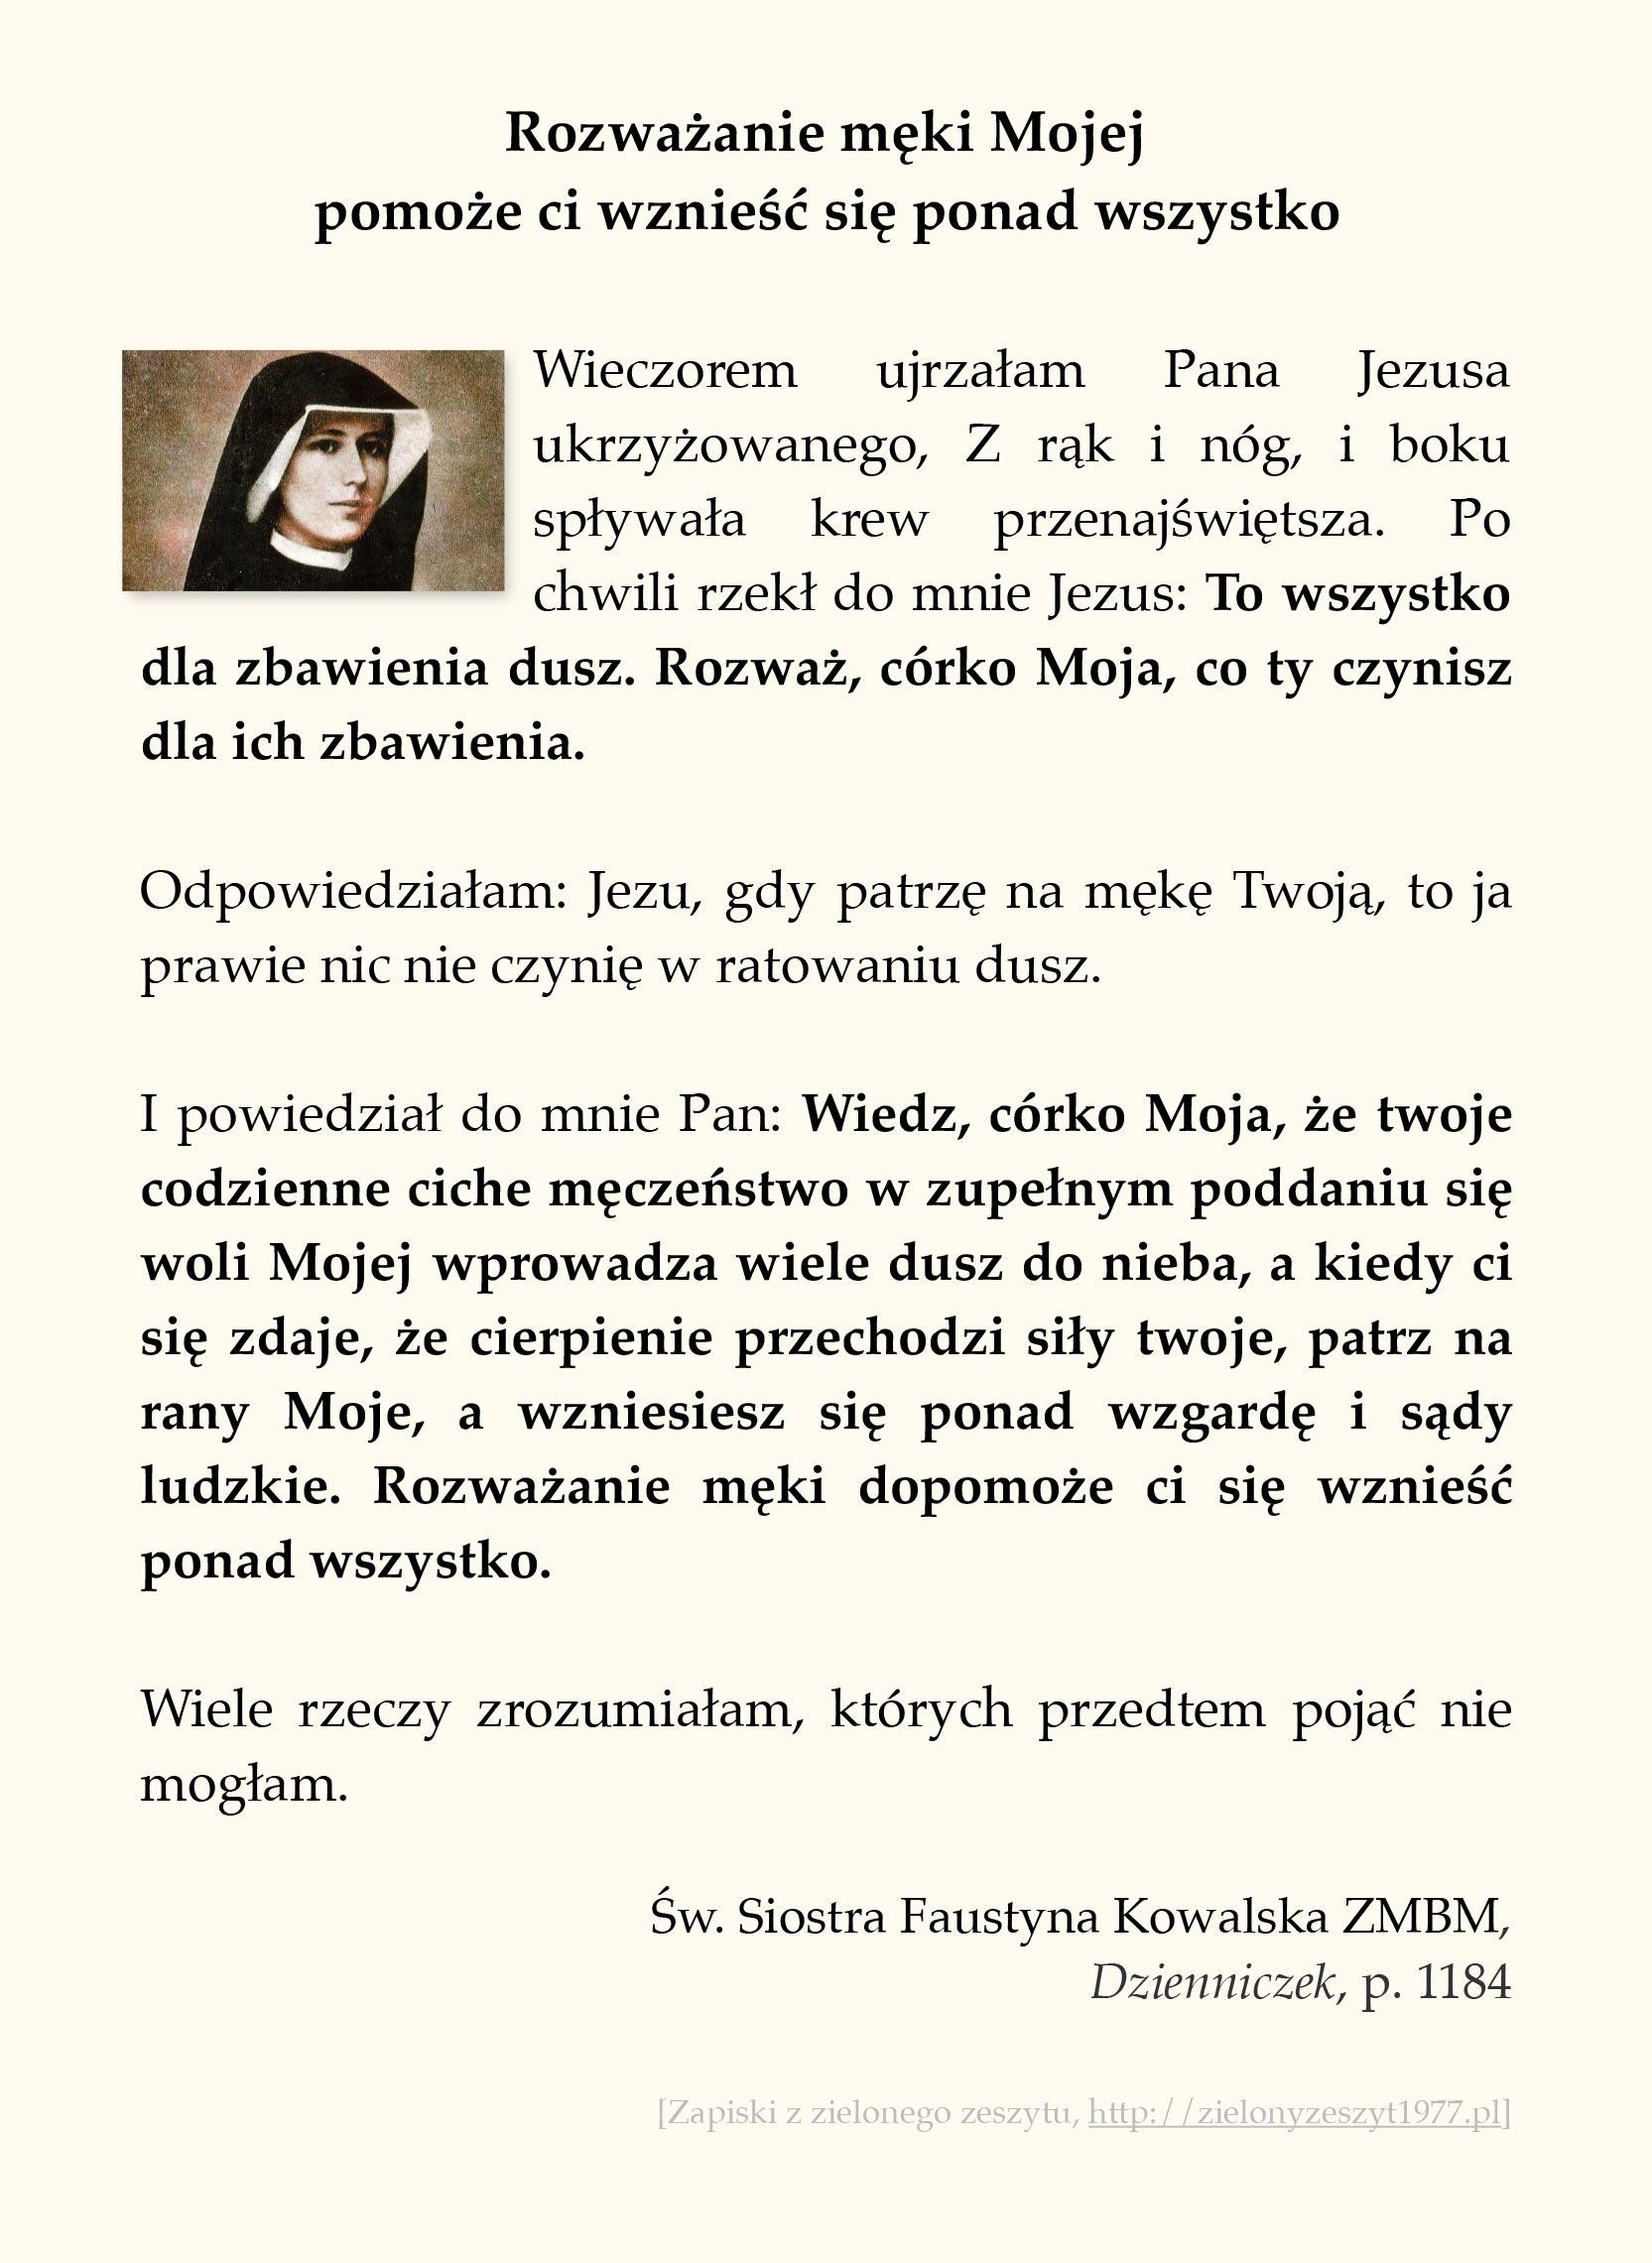 Rozważanie męki Mojej pomoże ci wznieść się ponad wszystko; św. Faustyna Kowalska